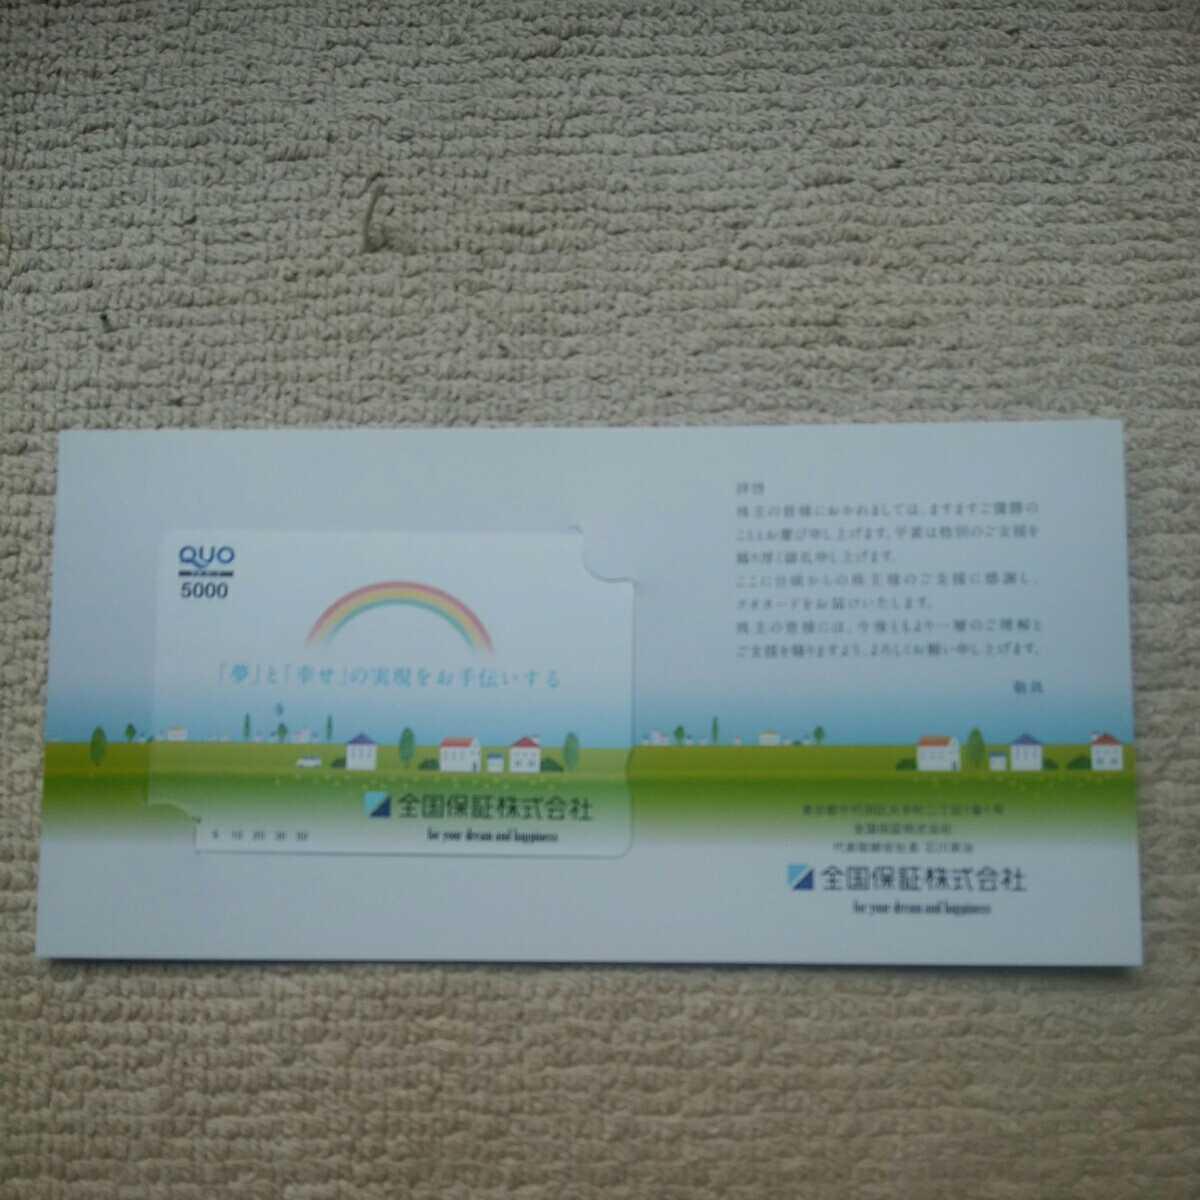 全国保証株式会社のQUOカード未使用品5,000円相当の出品です。_画像1